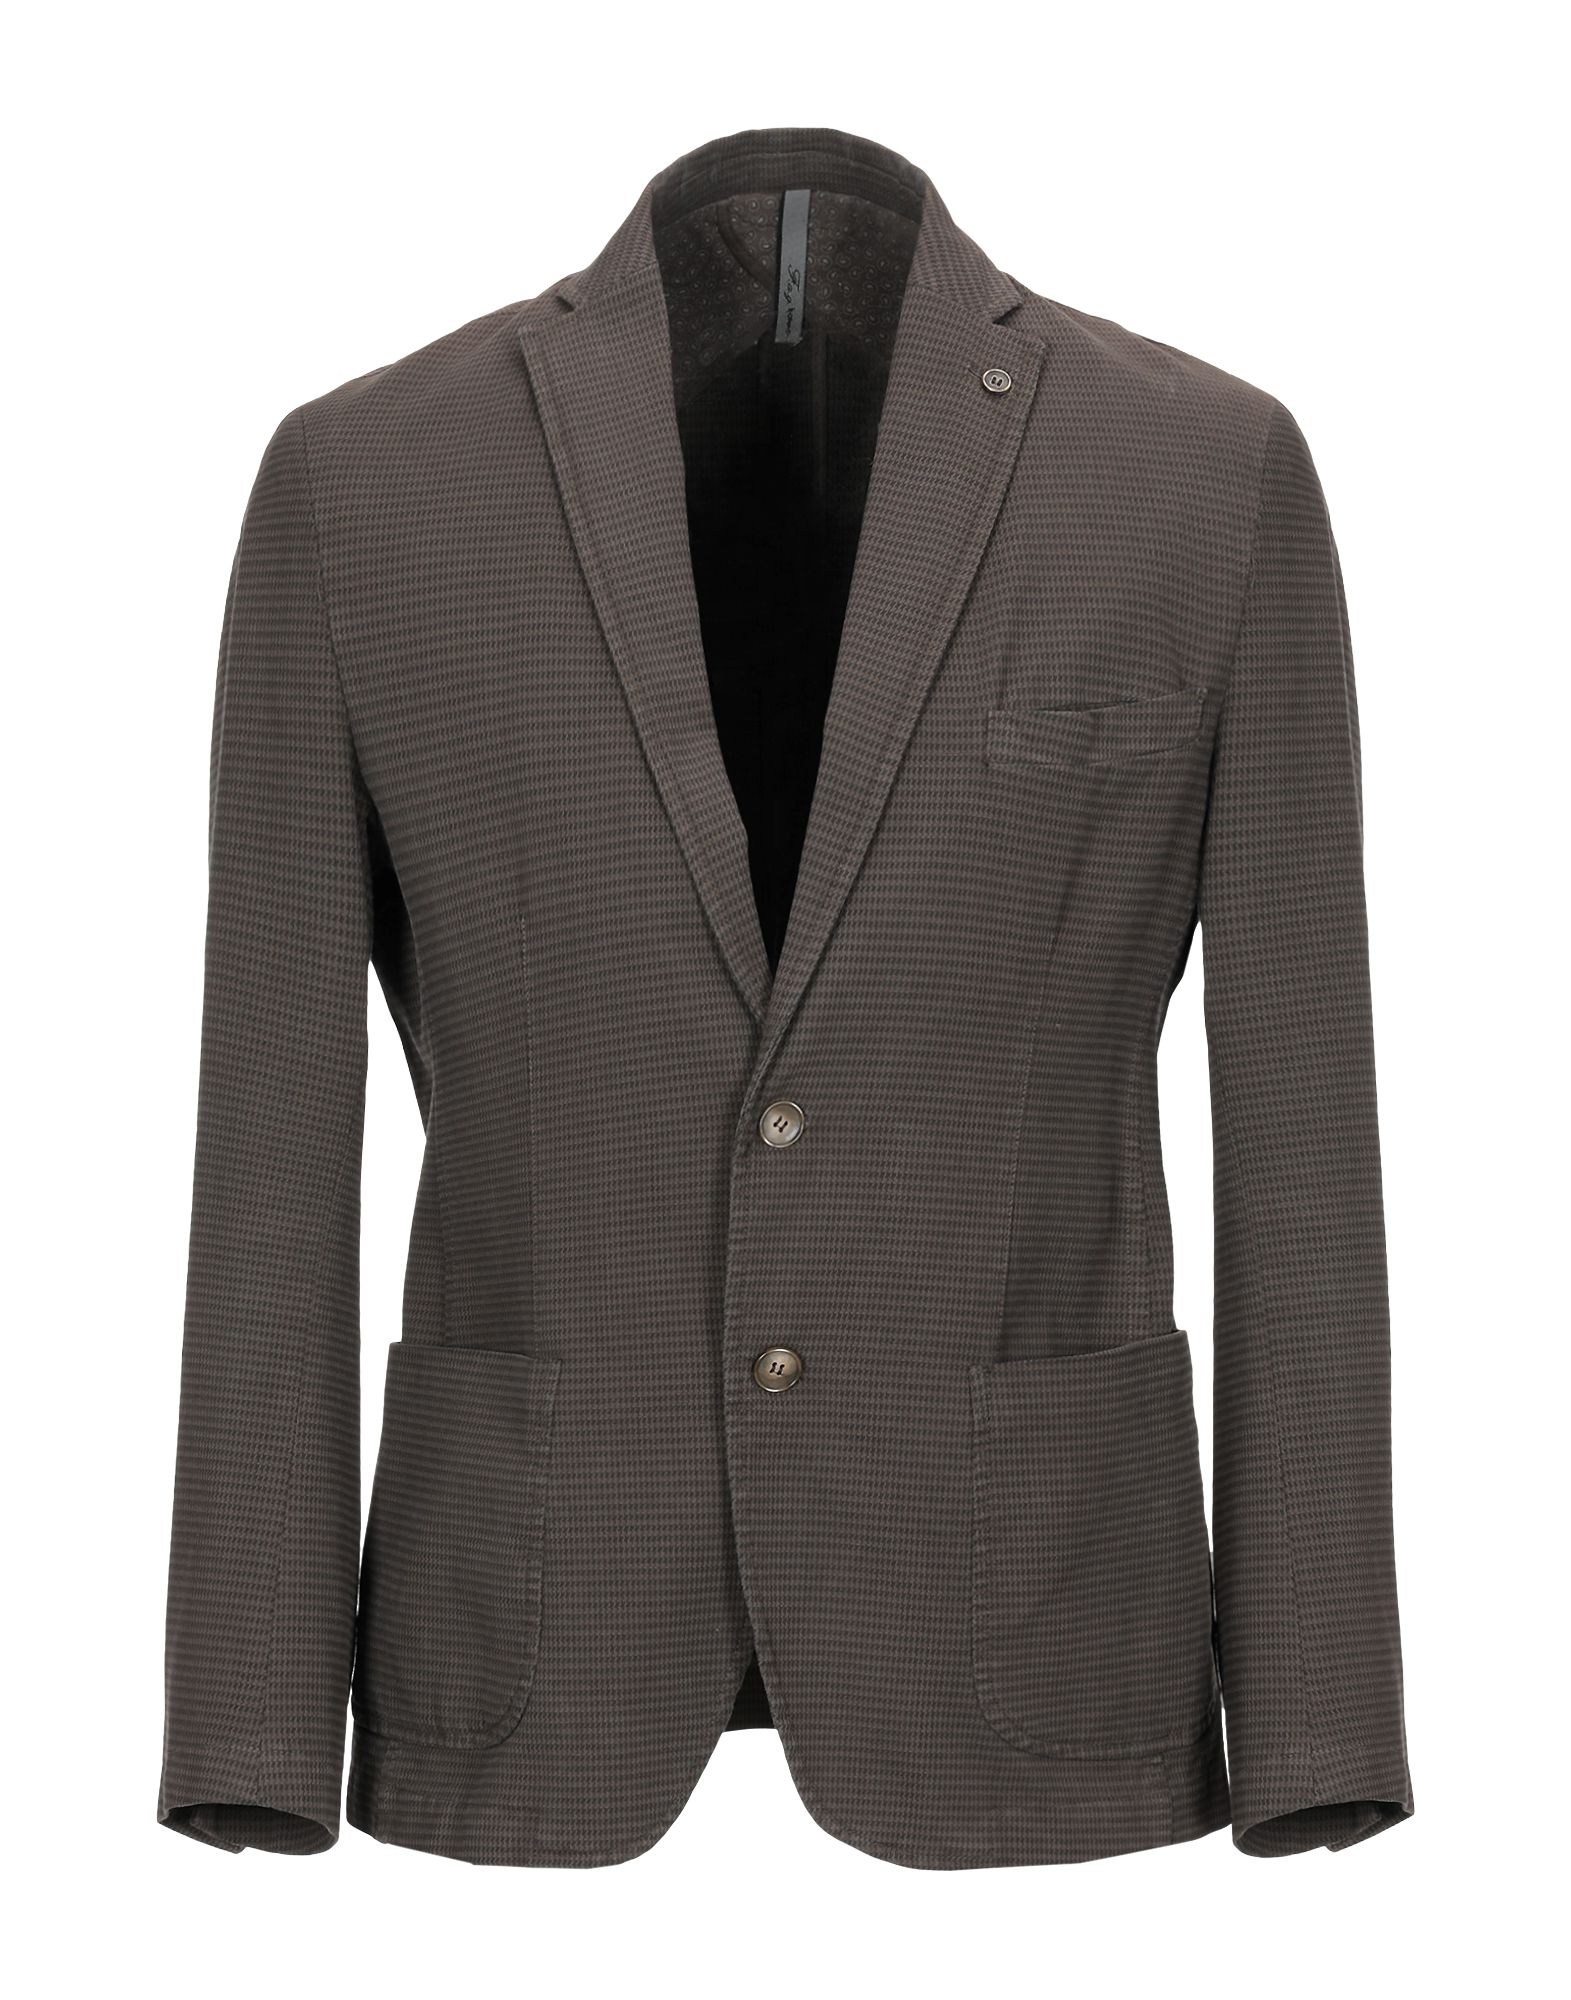 《セール開催中》F.A.G. HOMME メンズ テーラードジャケット ダークブラウン 48 コットン 97% / ポリウレタン 3%